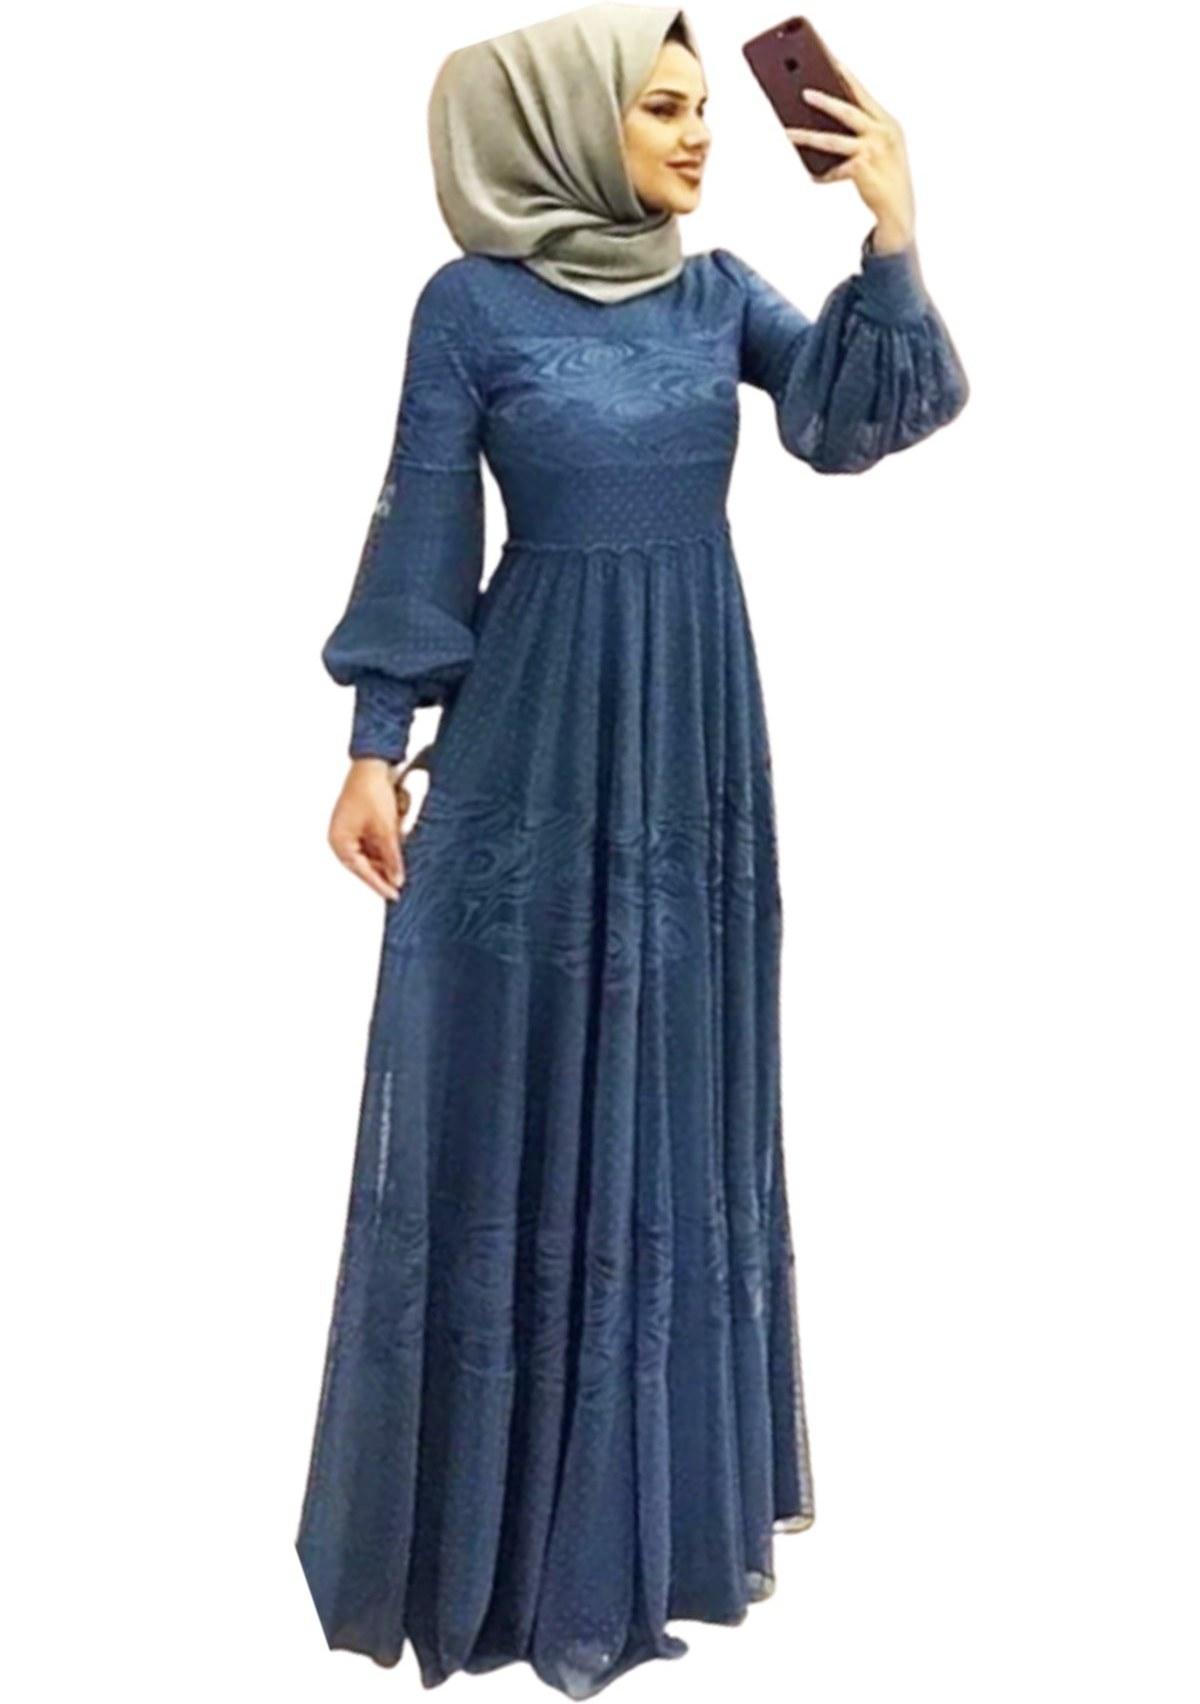 تصویر لباس مجلسی پوشیده برند Ladonna Libera کد 1617736622